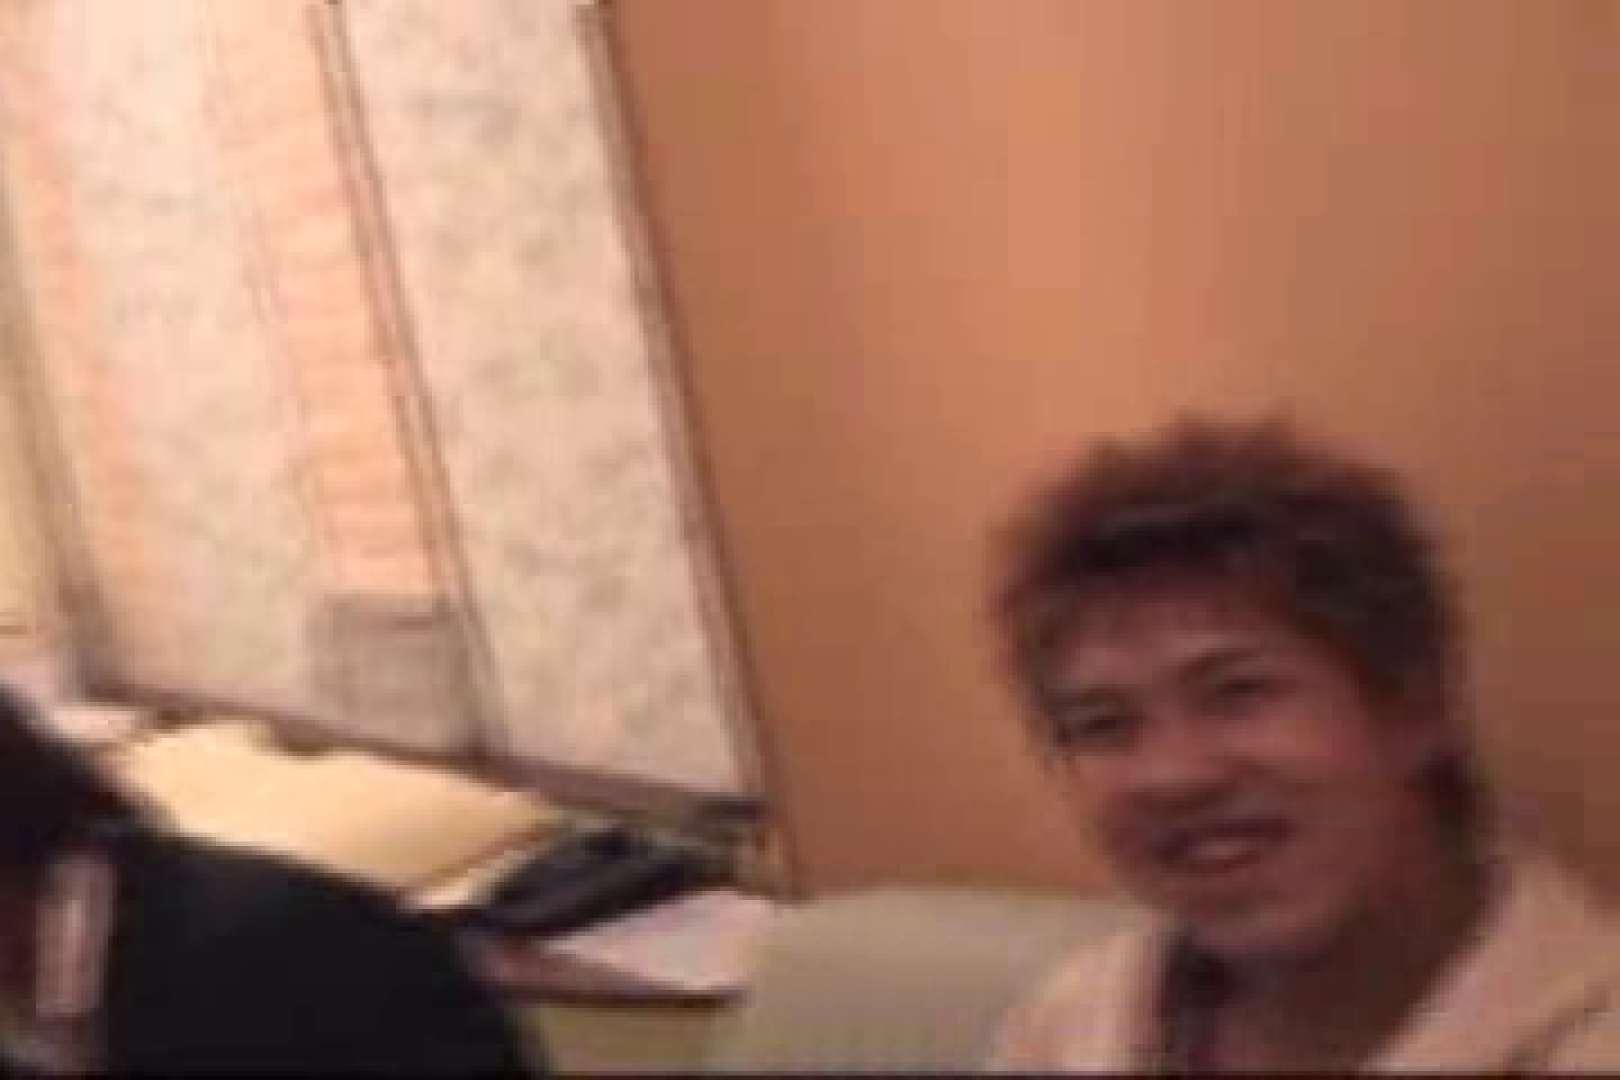 【流出】ジャニ系イケメン!!フライング&アナルが痛くて出来ません!! 茶髪 亀頭もろ画像 72枚 48